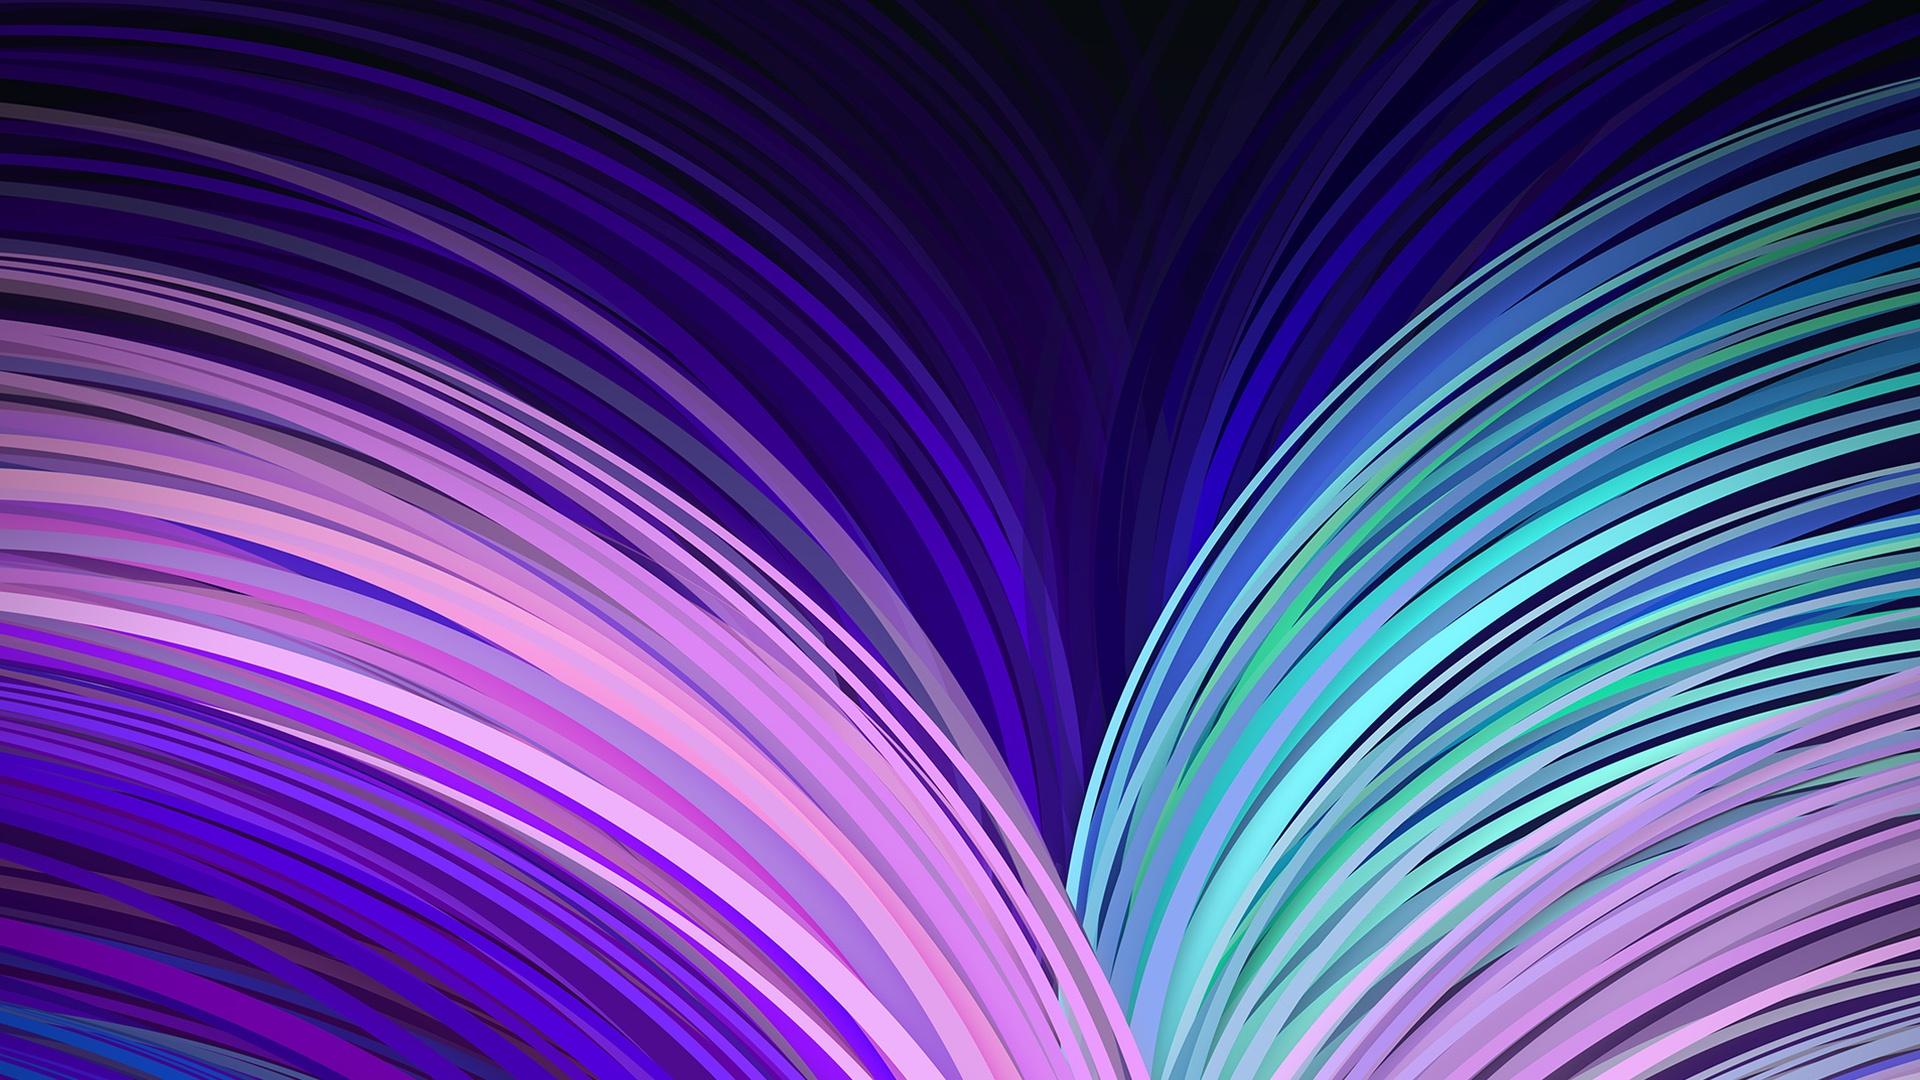 Neon Flow Wallpapers HD Wallpapers 1920x1080